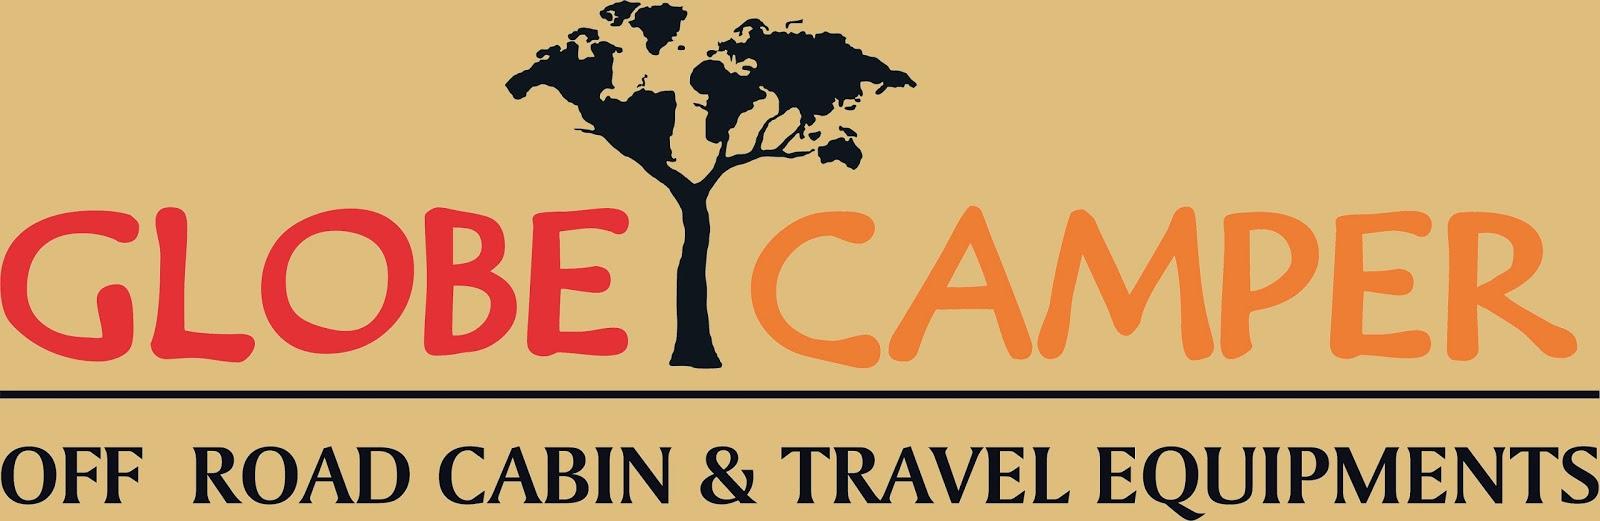 www.globecamper.com